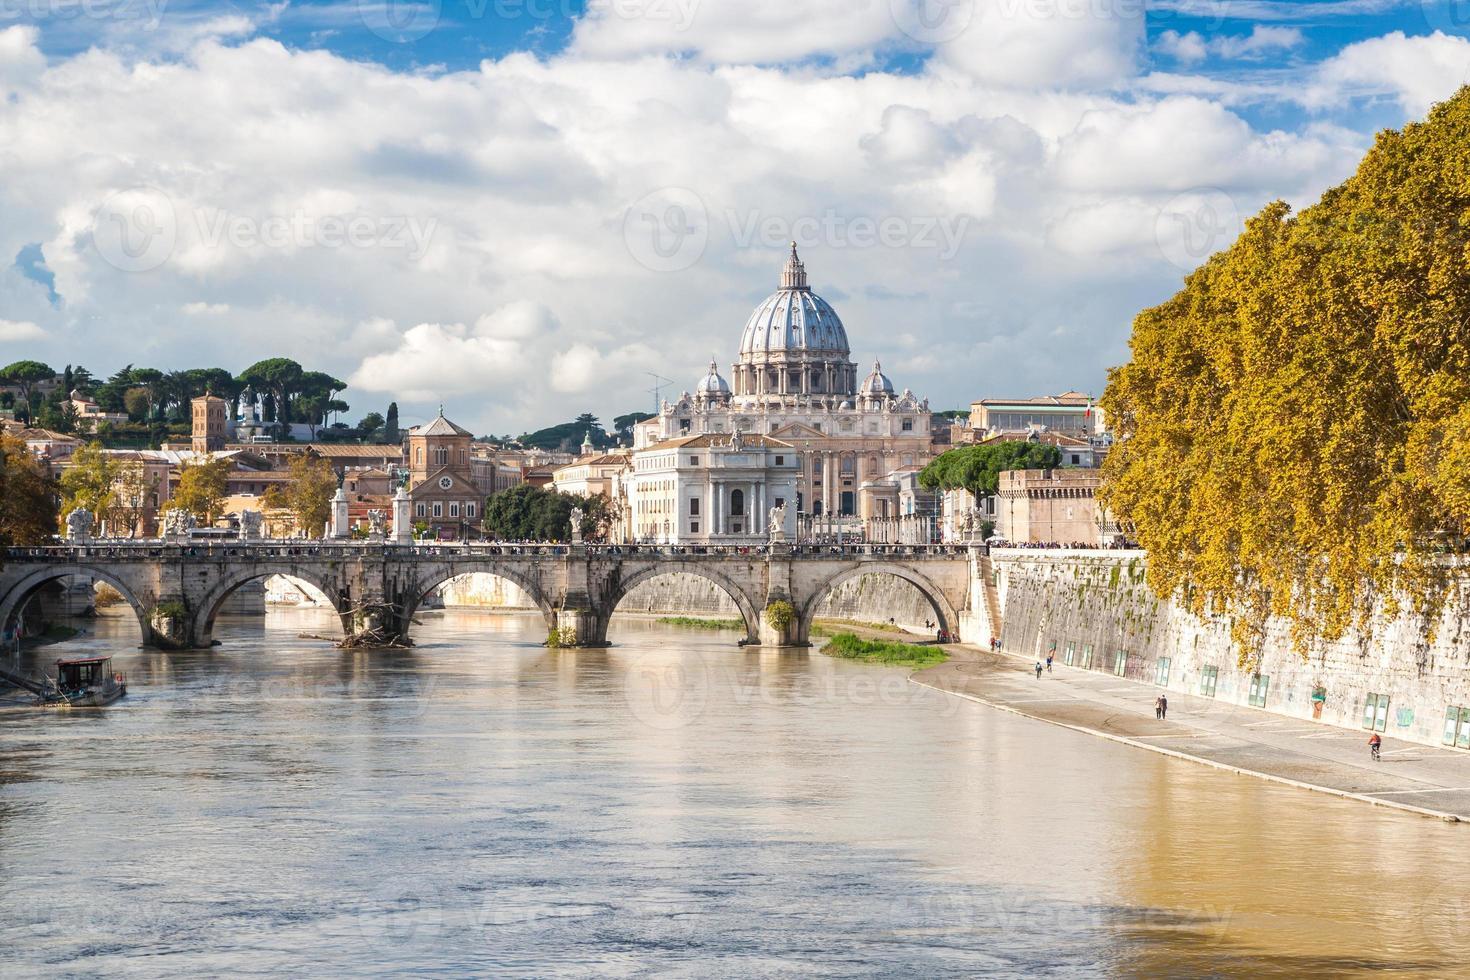 st. basílica de peter em roma, itália foto